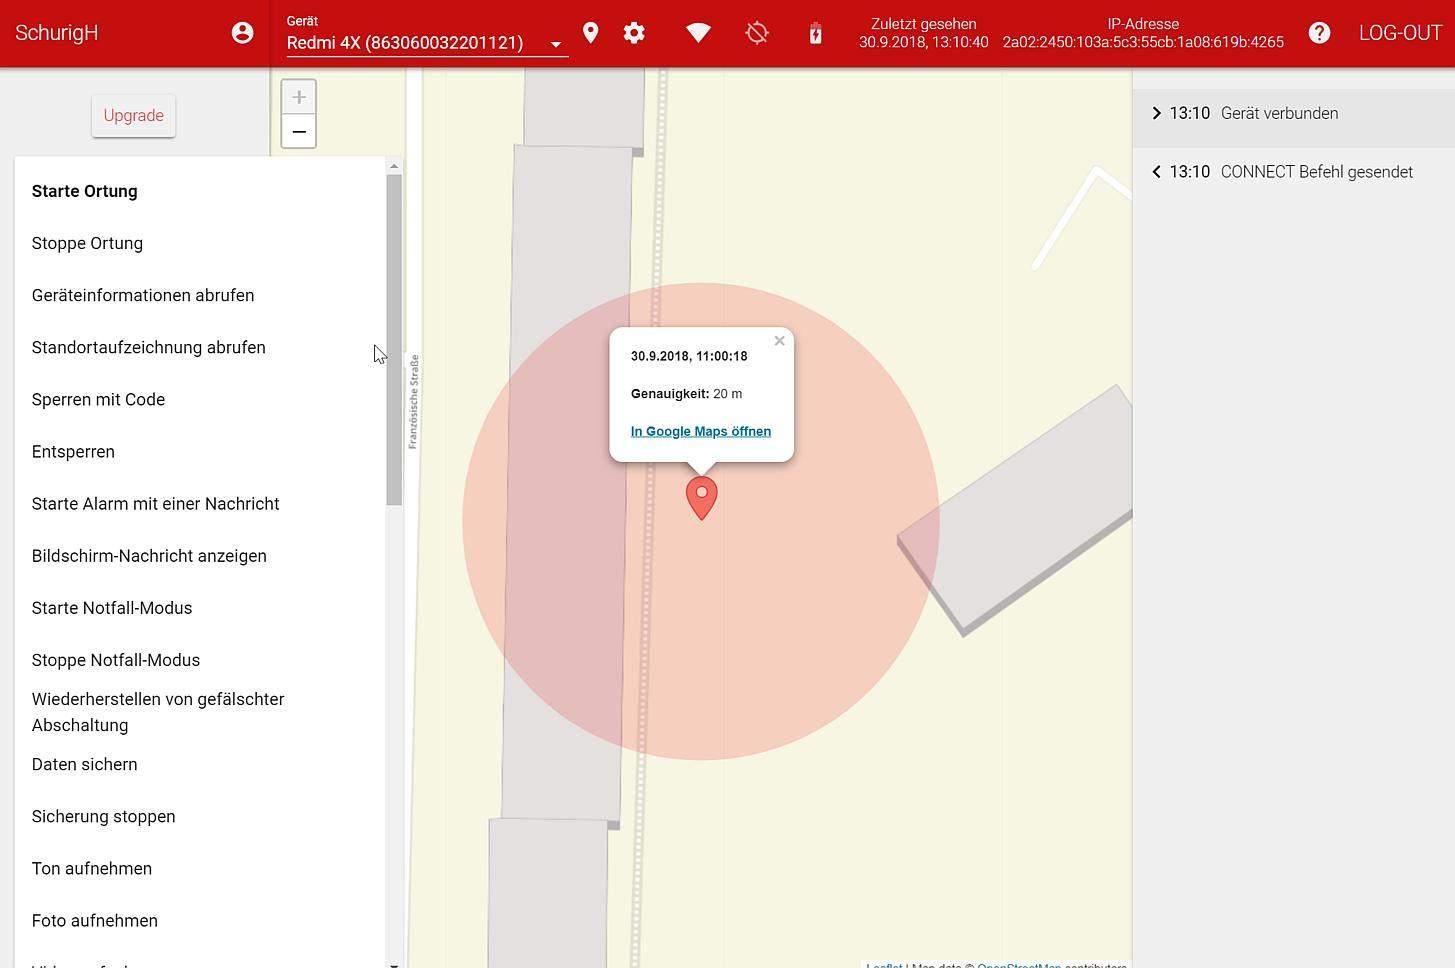 android-smartphone-sichern-anti-theft-cerberus-diebstahlschutz-webinterface